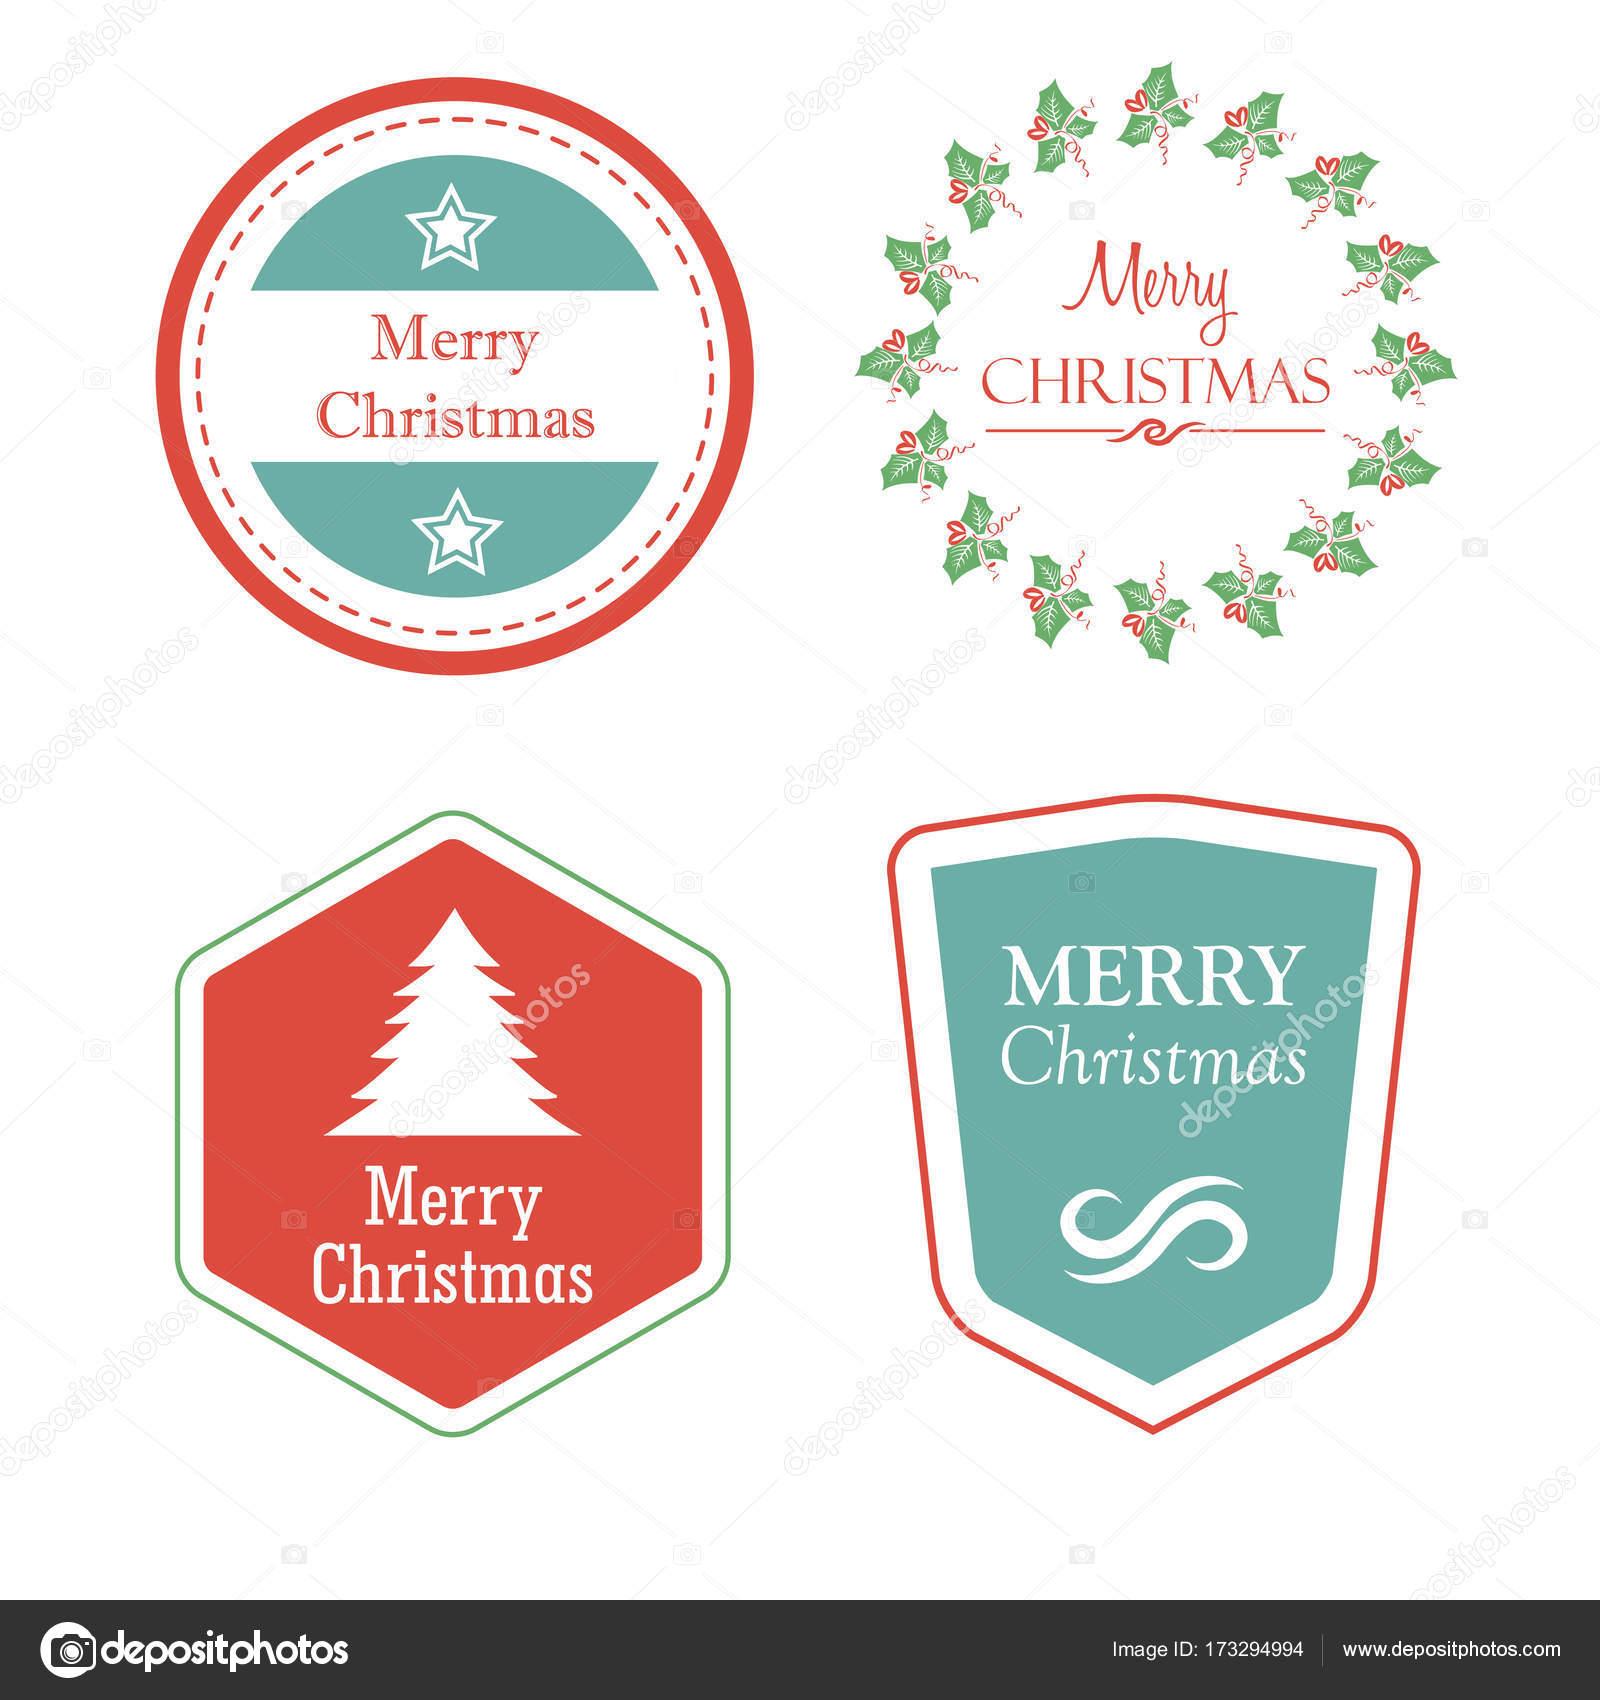 Etiketten Frohe Weihnachten.Frohe Weihnachten In Urlaub Etiketten Mit Weihnachtsbaum Sterne